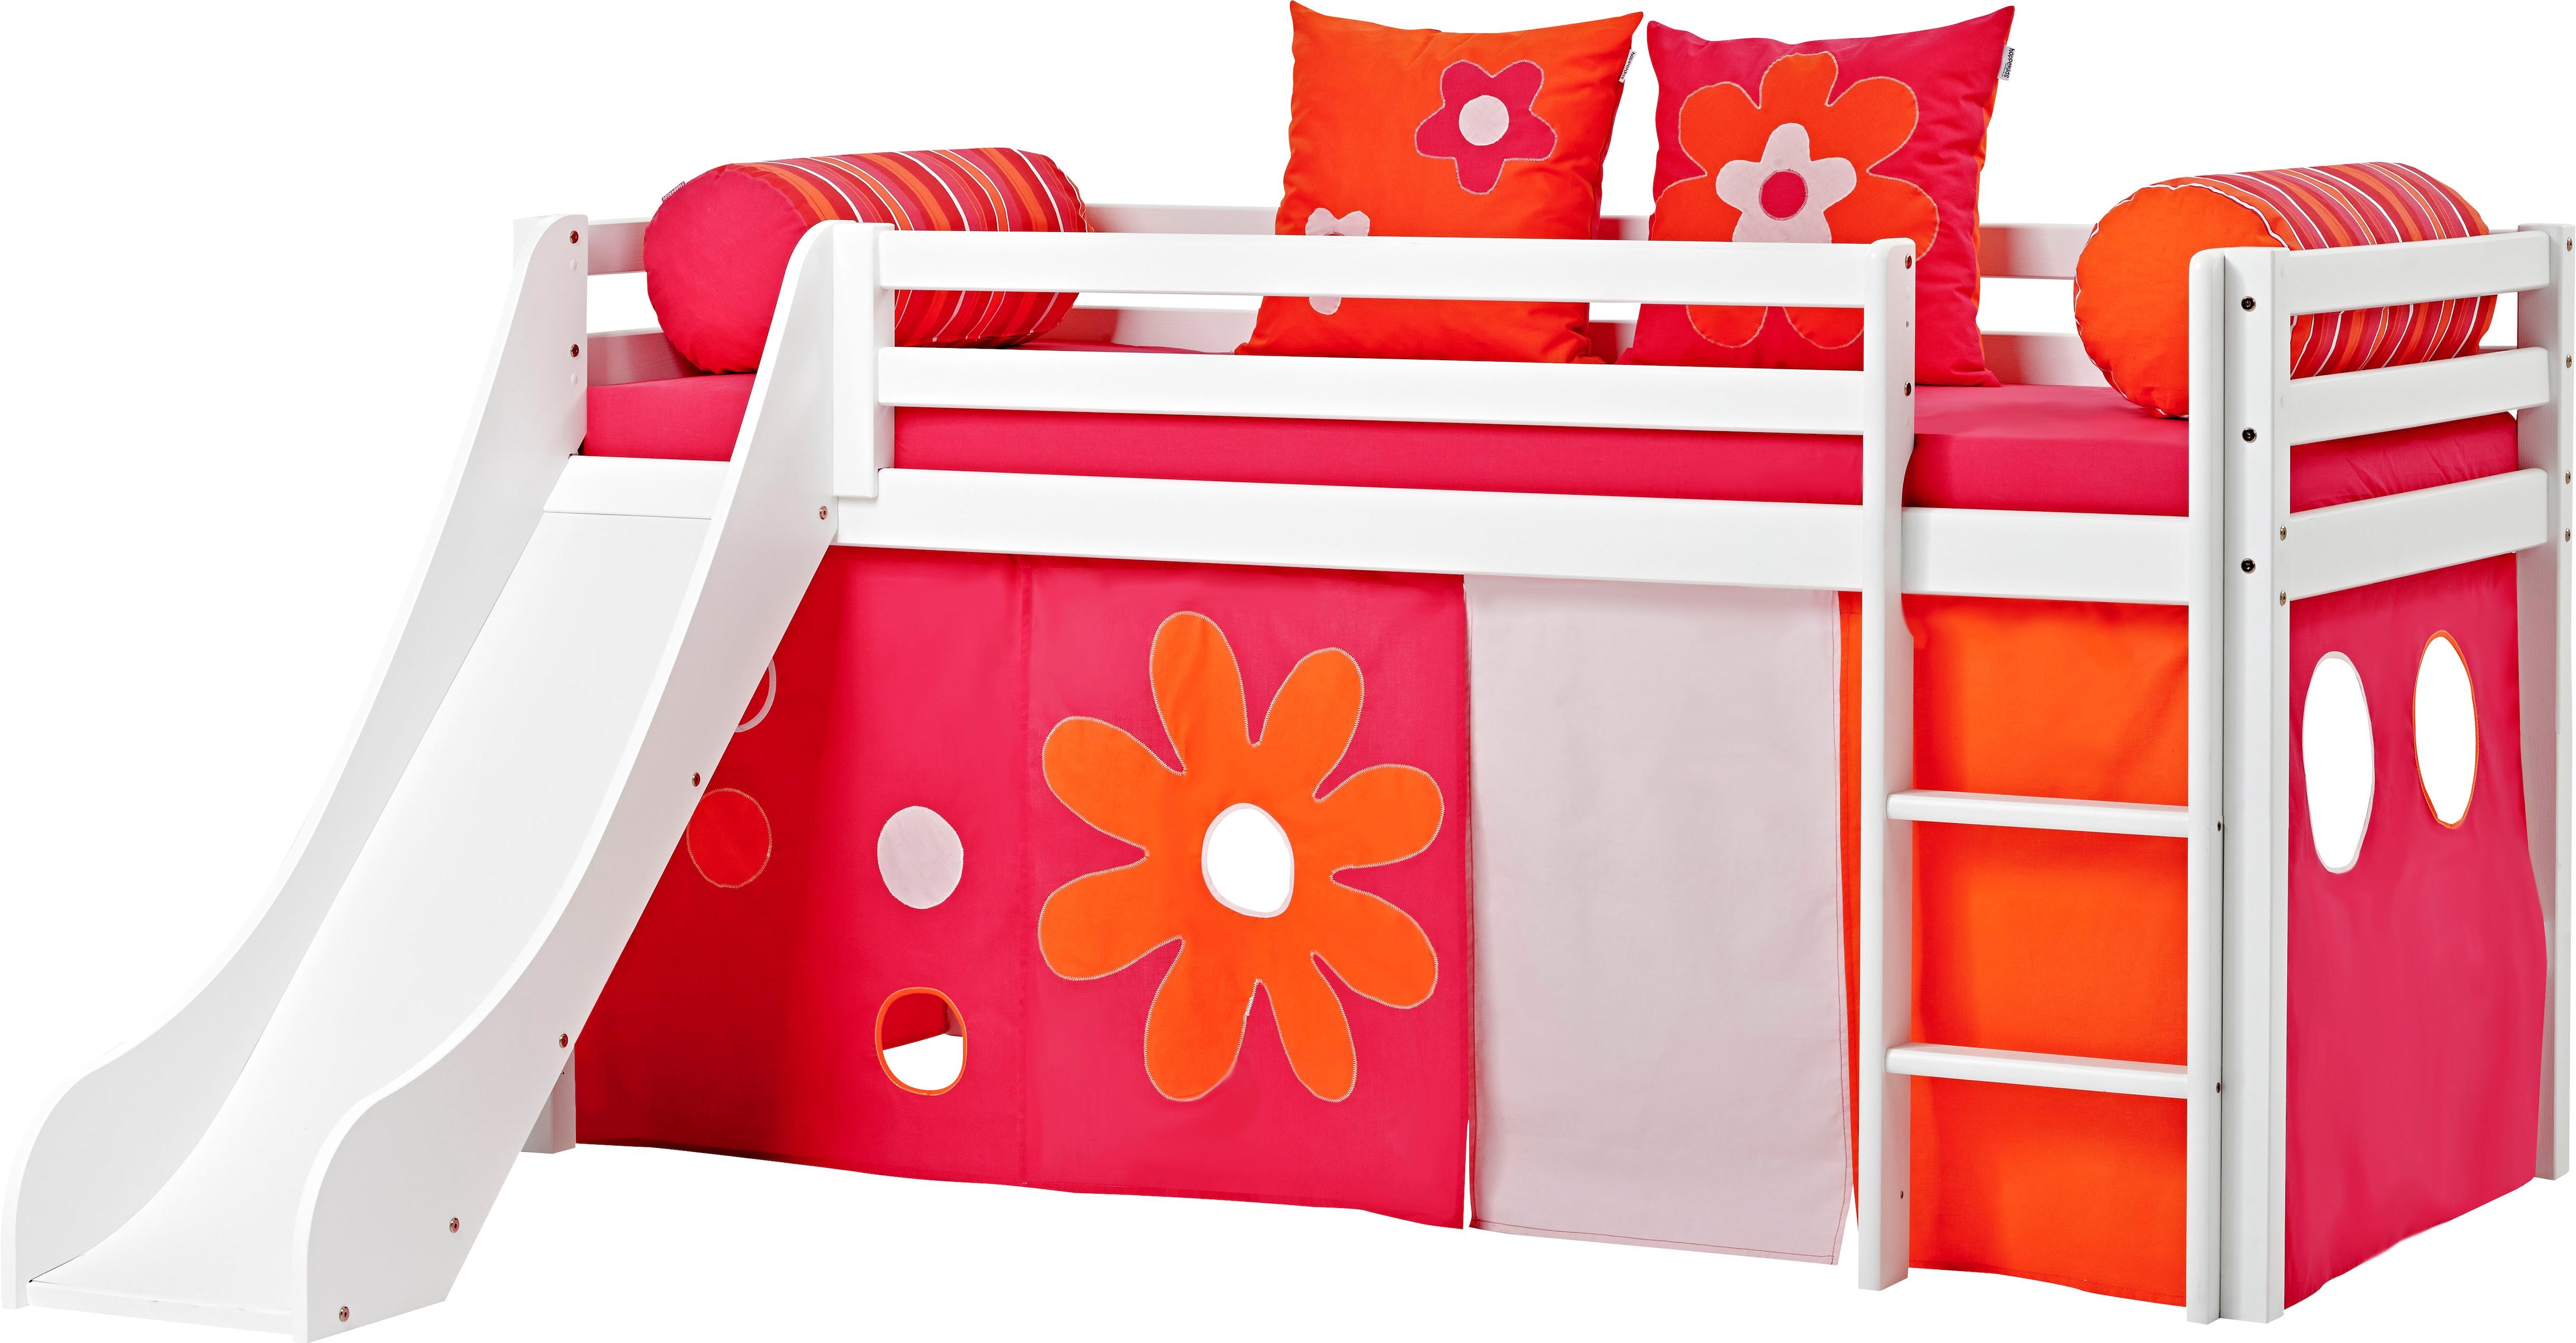 Hoppekids Hochbett, inkl. Rutsche mit Absturzschutzseiten, Matratze und Leiter weiß Kinder Hochbett Kinderbetten Kindermöbel